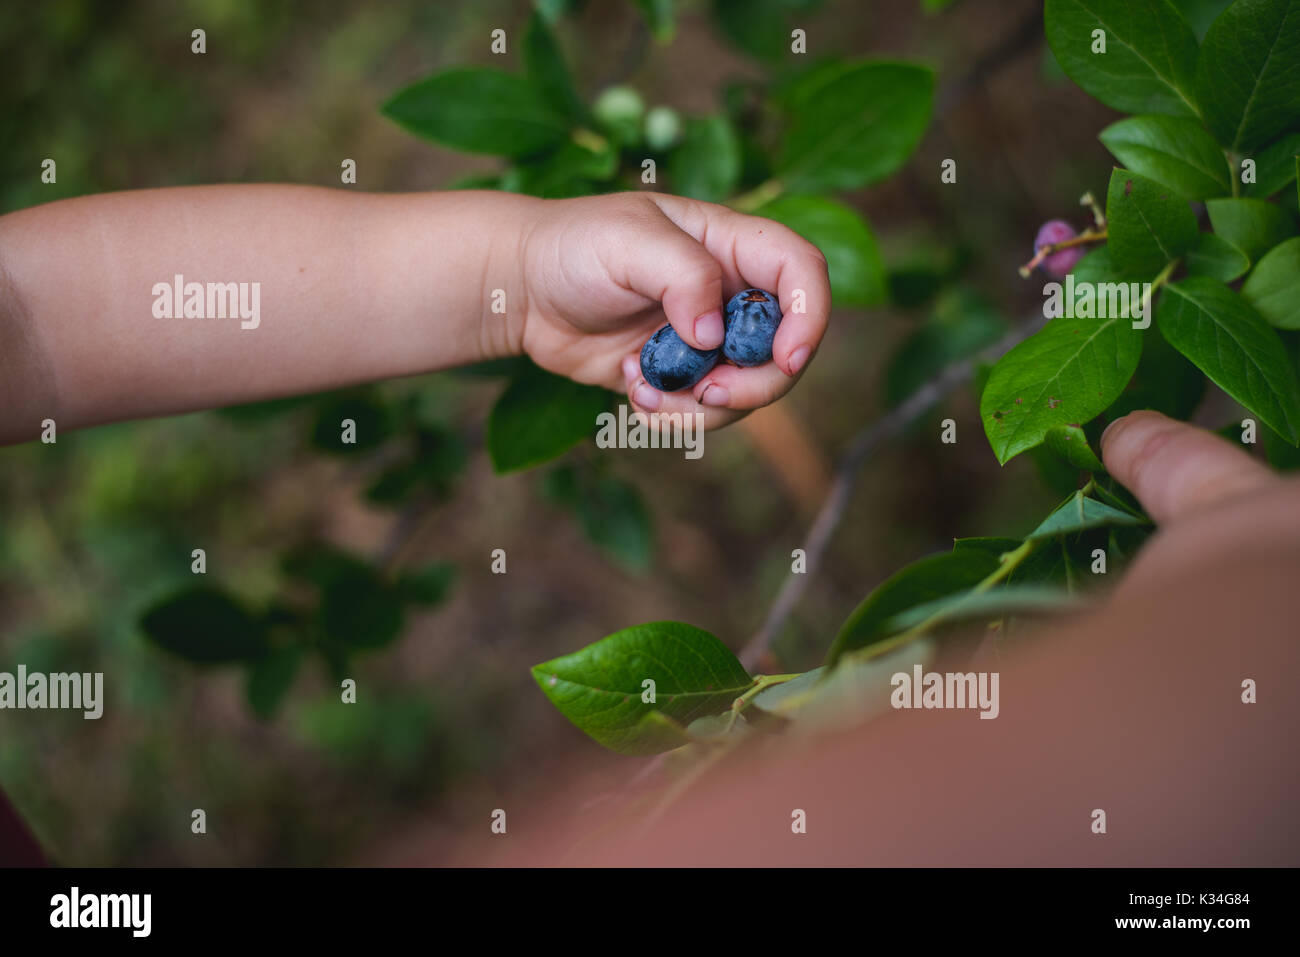 Enfant mains tenant des bleuets frais provenant d'une exploitation agricole. Photo Stock